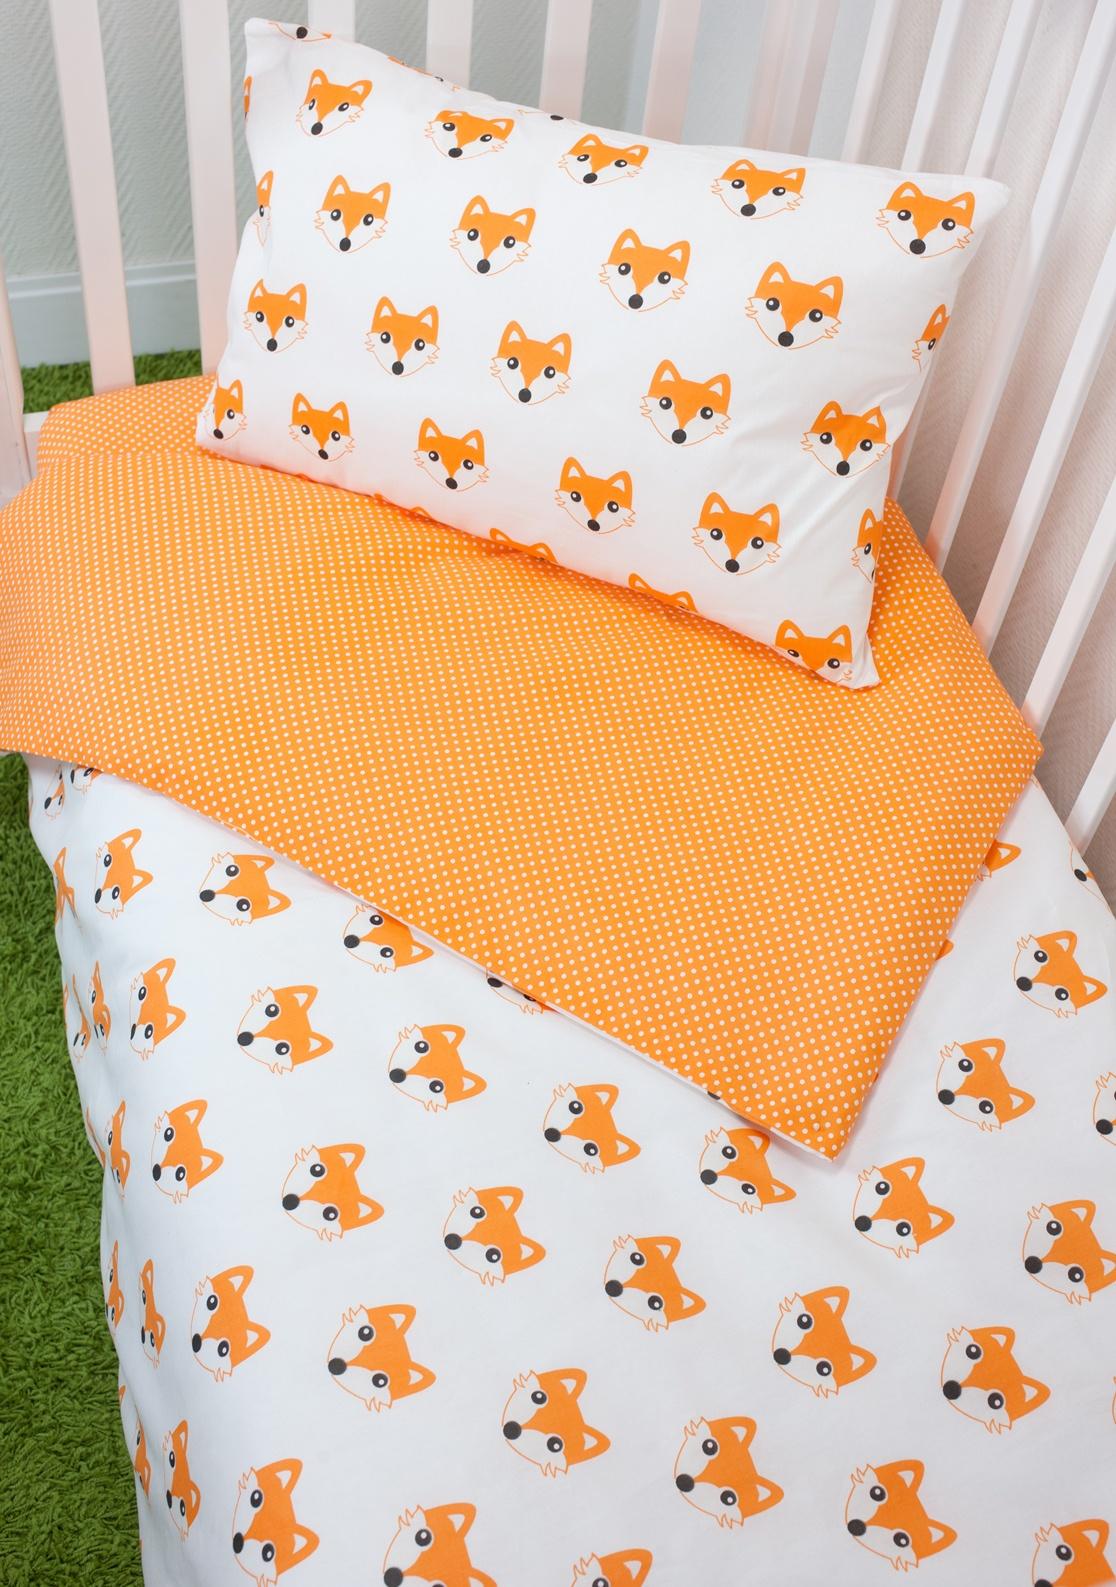 Комплект постельного белья для малышей Magic City Апельсиновый лис комплект постельного белья облачко дельфин в детскую кроватку с простынью на резинке 186903